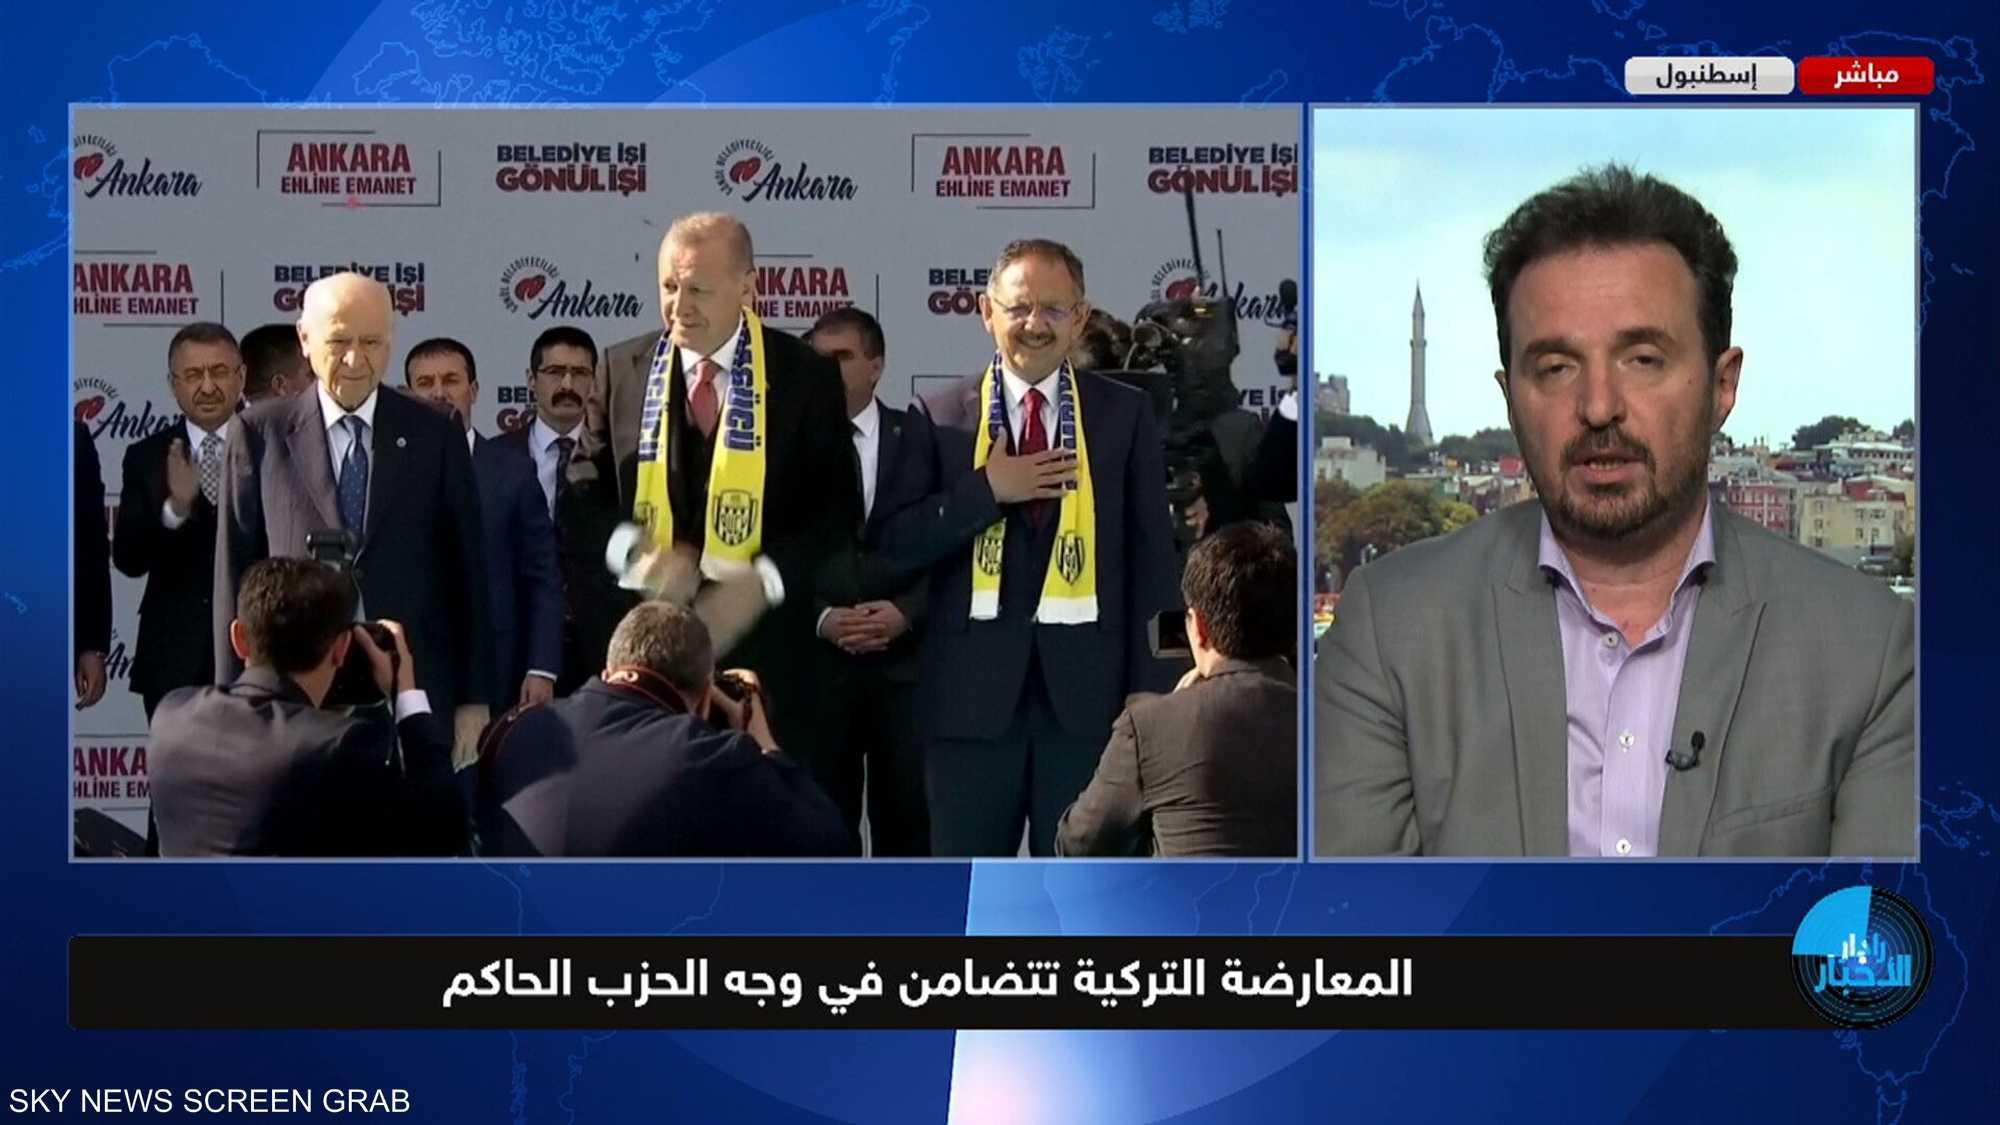 المعارضة التركية تتضامن في وجه الحزب الحاكم